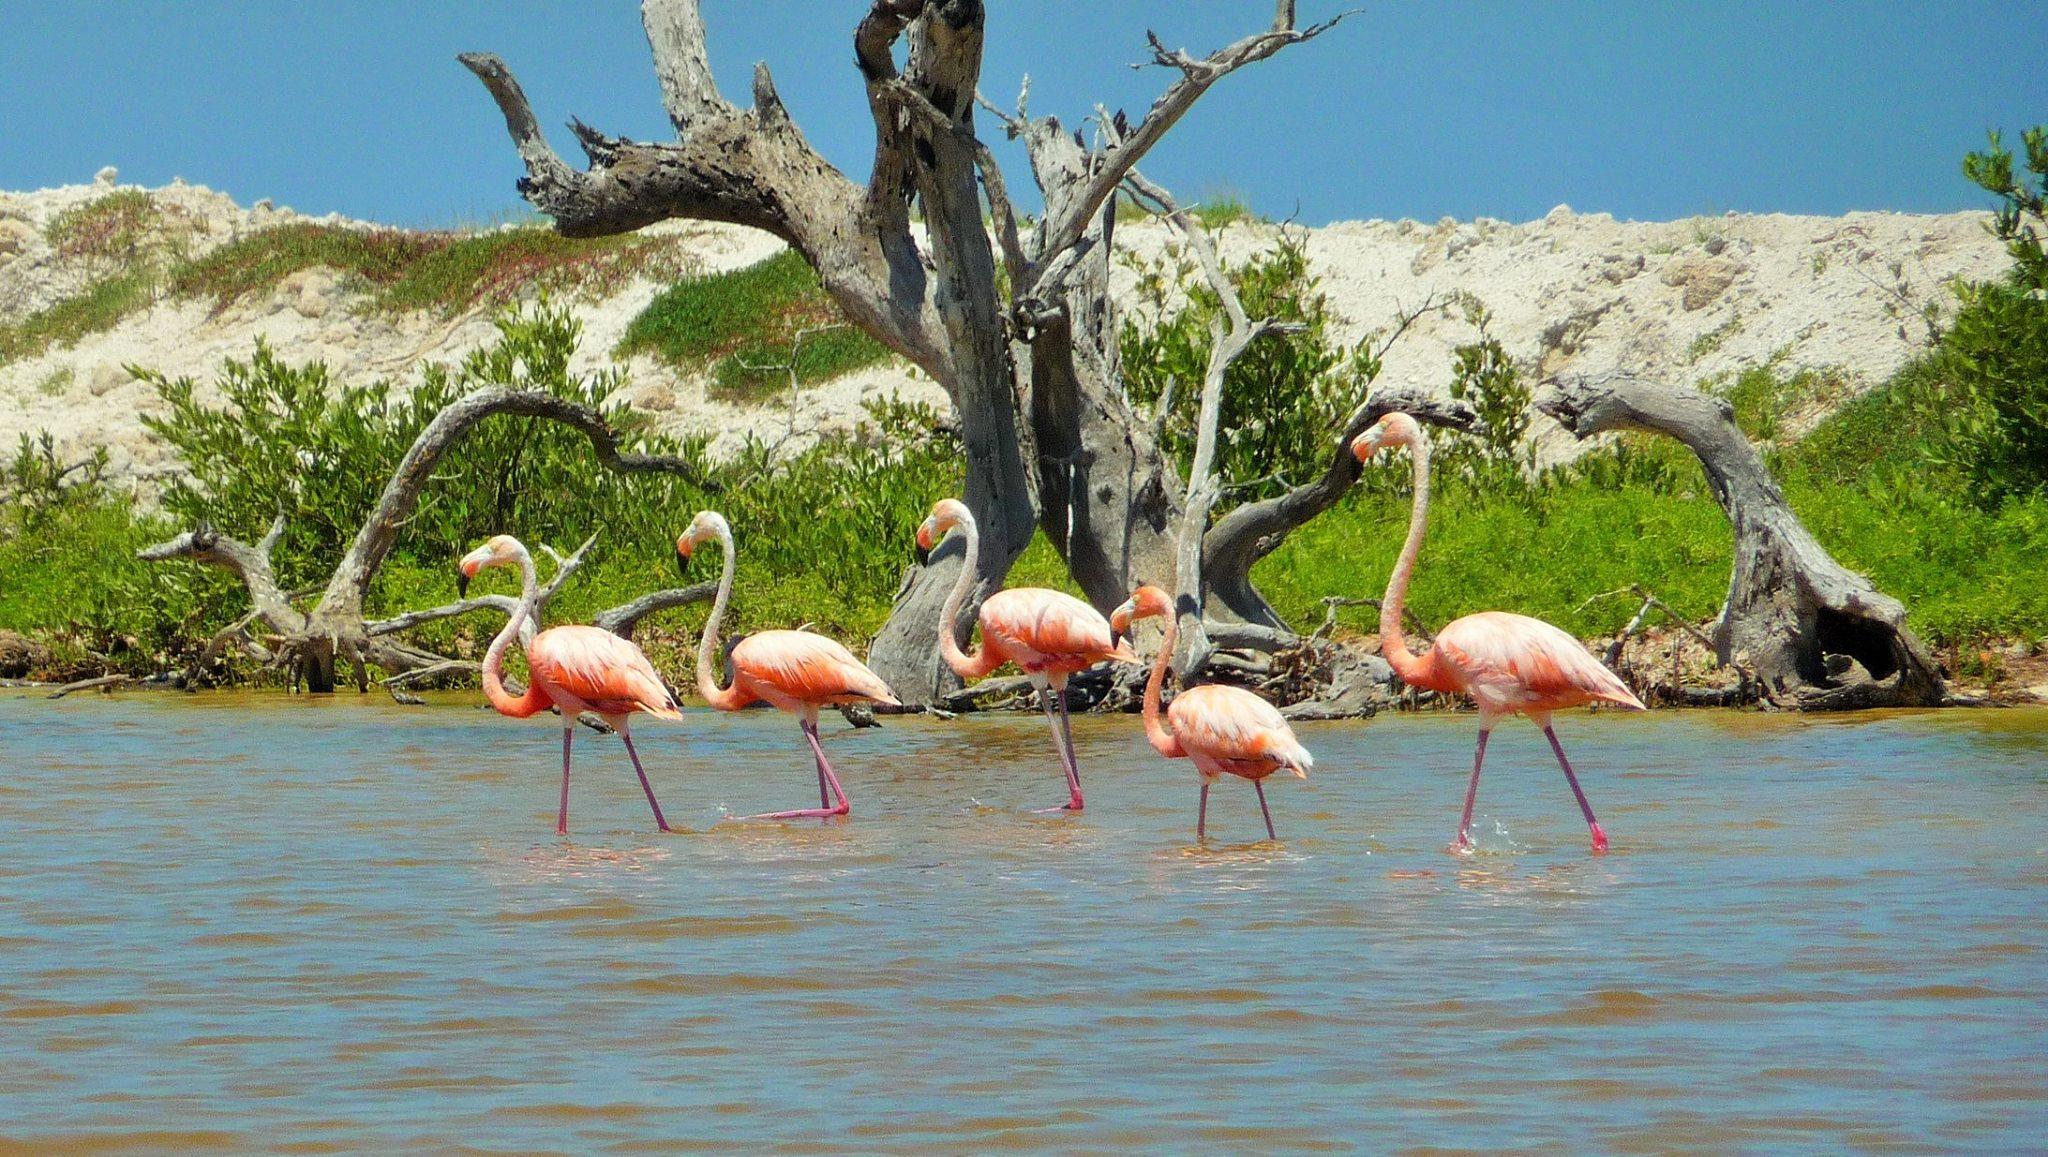 viajero mexico flamingo.jpg